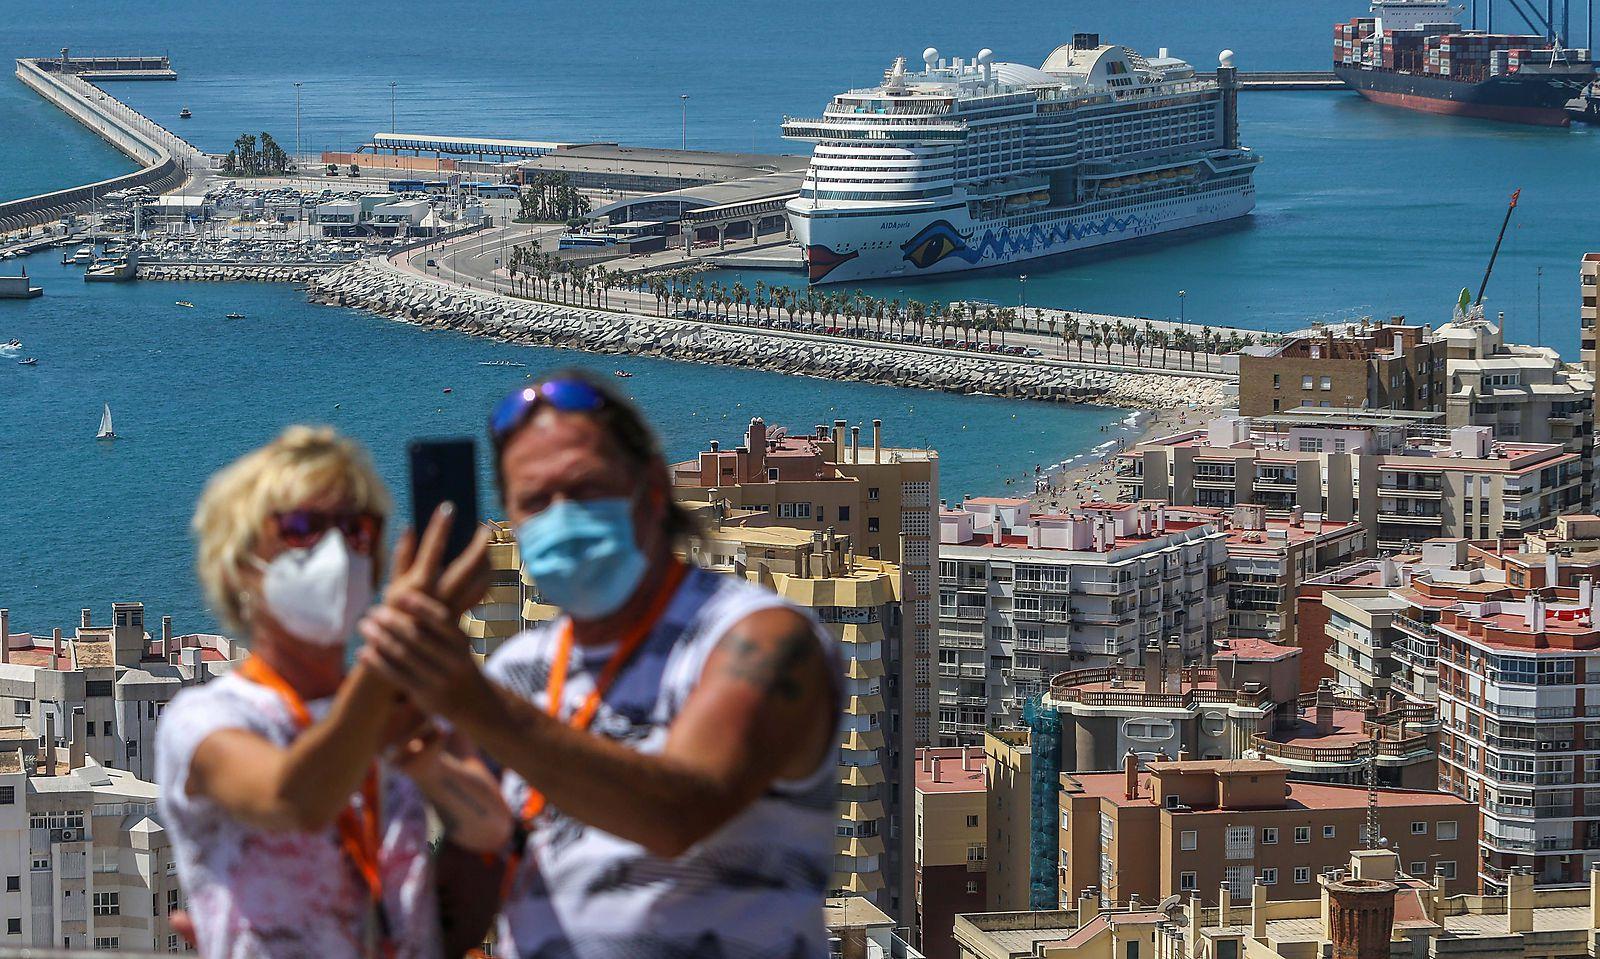 Aida führt ausnahmslose Impfpflicht auf einigen Kreuzfahrtrouten ein